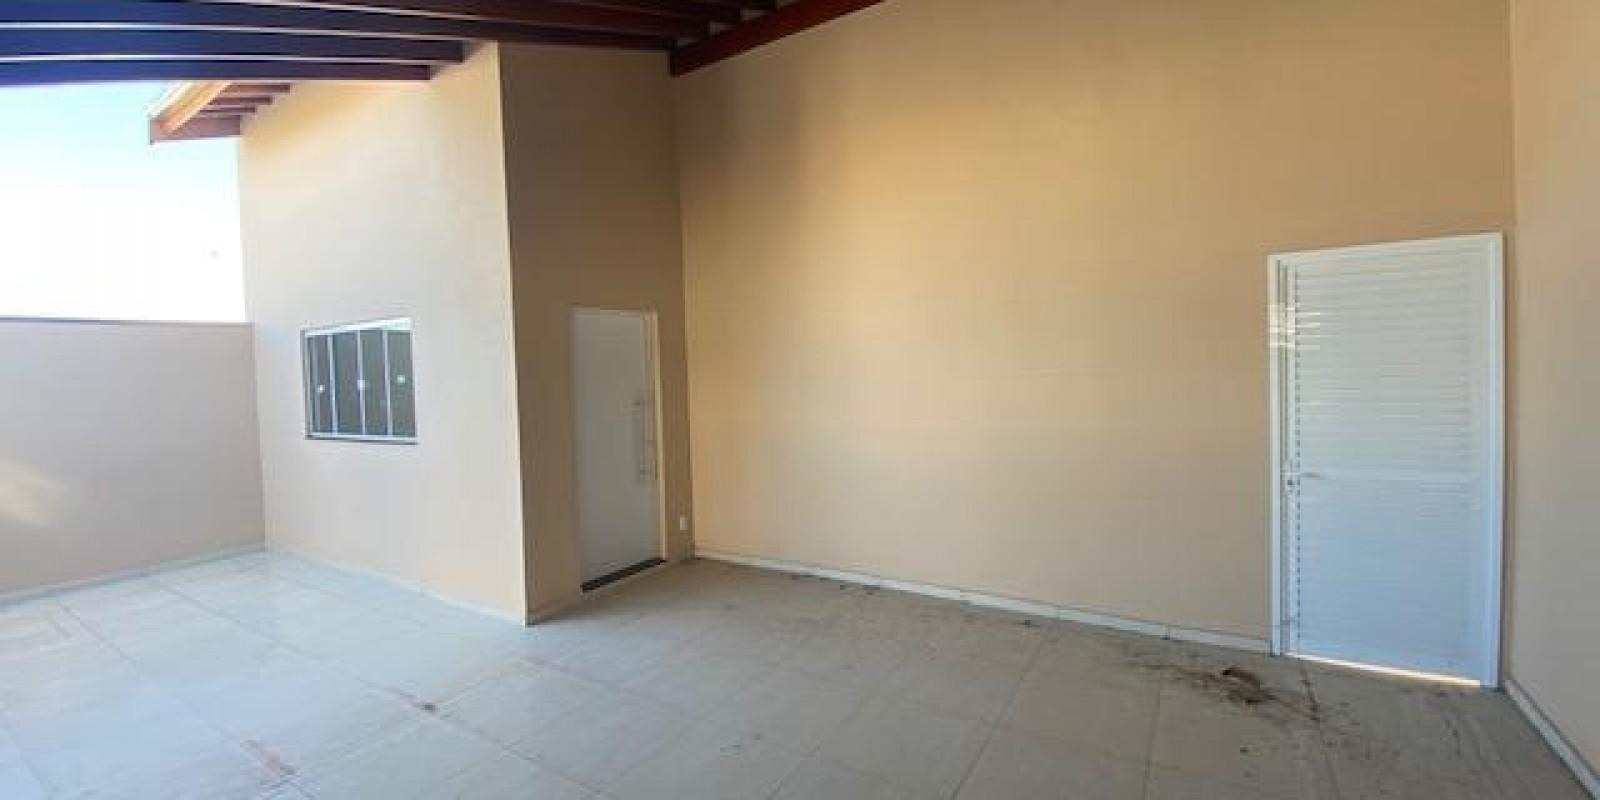 Casa no Bairro Di Fiori em Avaré SP - Foto 4 de 24